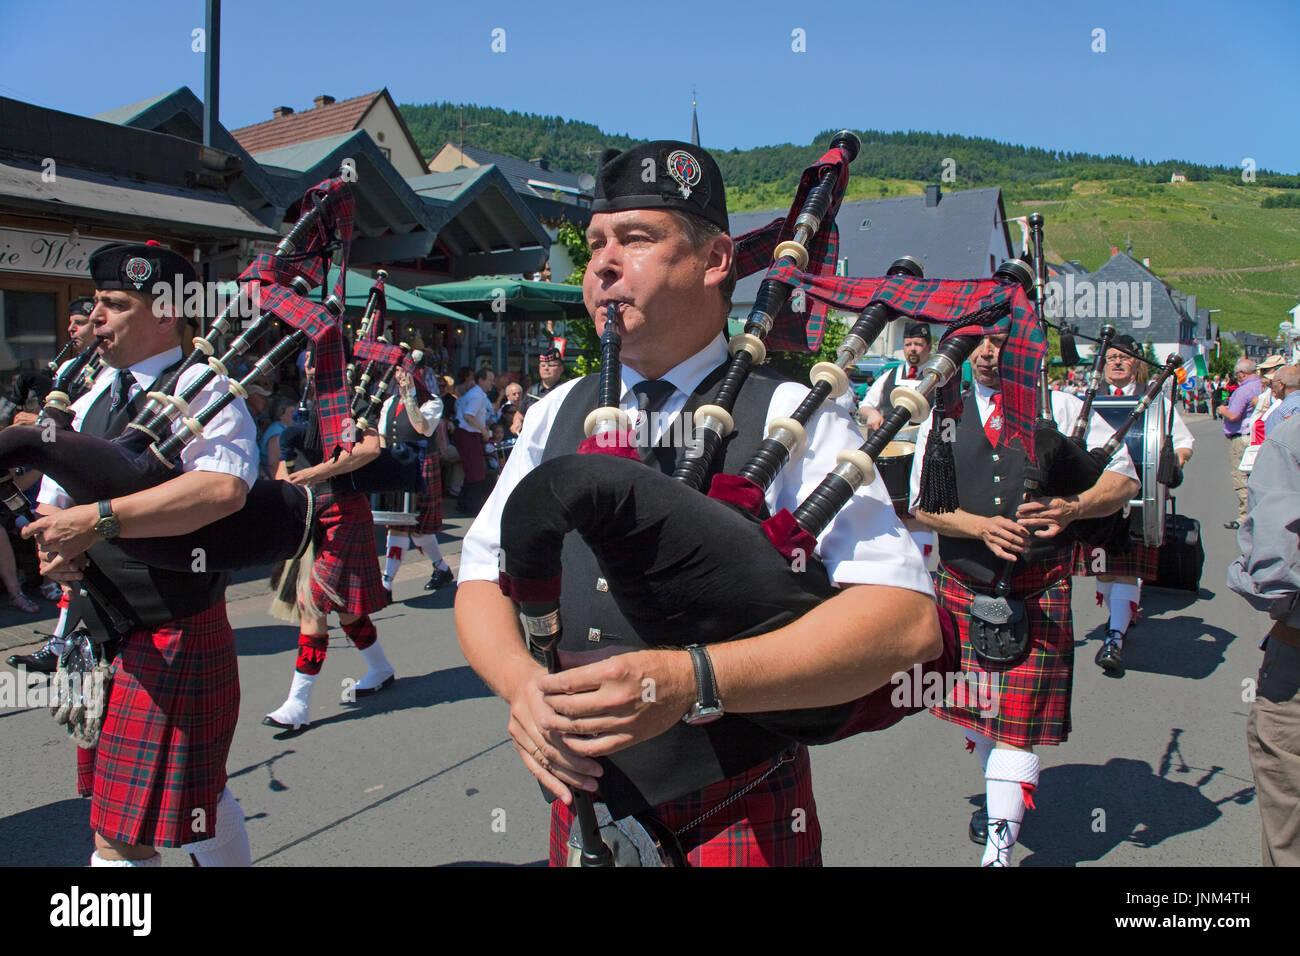 Dudeldorf Lion Pipes and Drums beim internationalen Trachtenfest in Kröv, Mosel, Mittelmosel, Rheinland-Pfalz, Deutschland, Europa - Stock Image